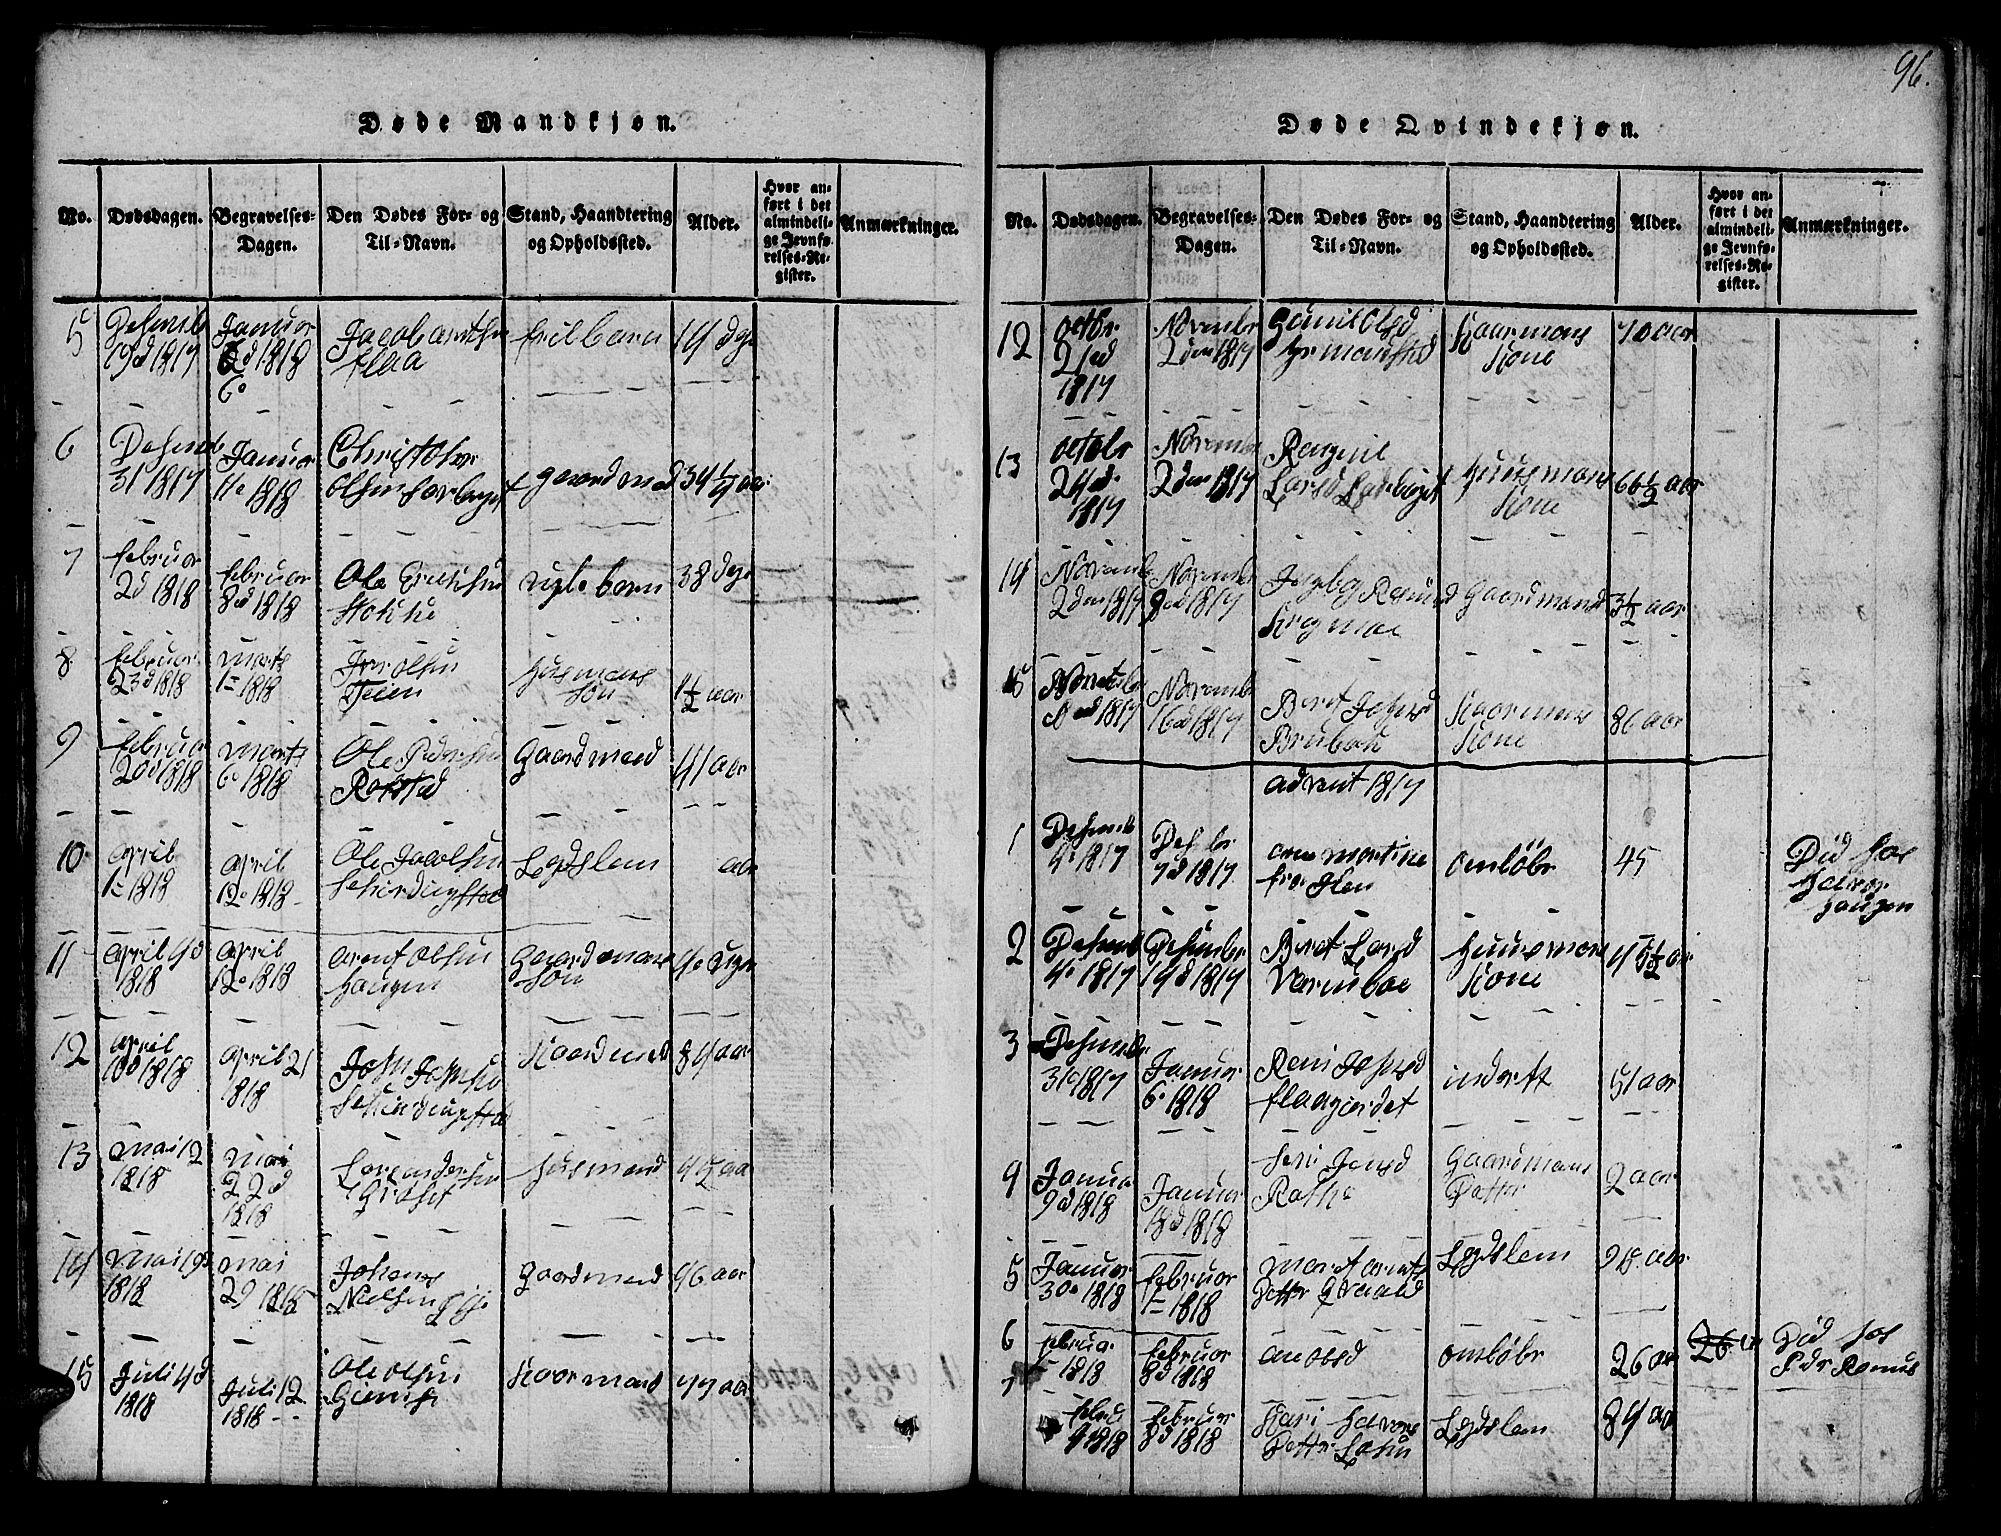 SAT, Ministerialprotokoller, klokkerbøker og fødselsregistre - Sør-Trøndelag, 691/L1092: Klokkerbok nr. 691C03, 1816-1852, s. 96